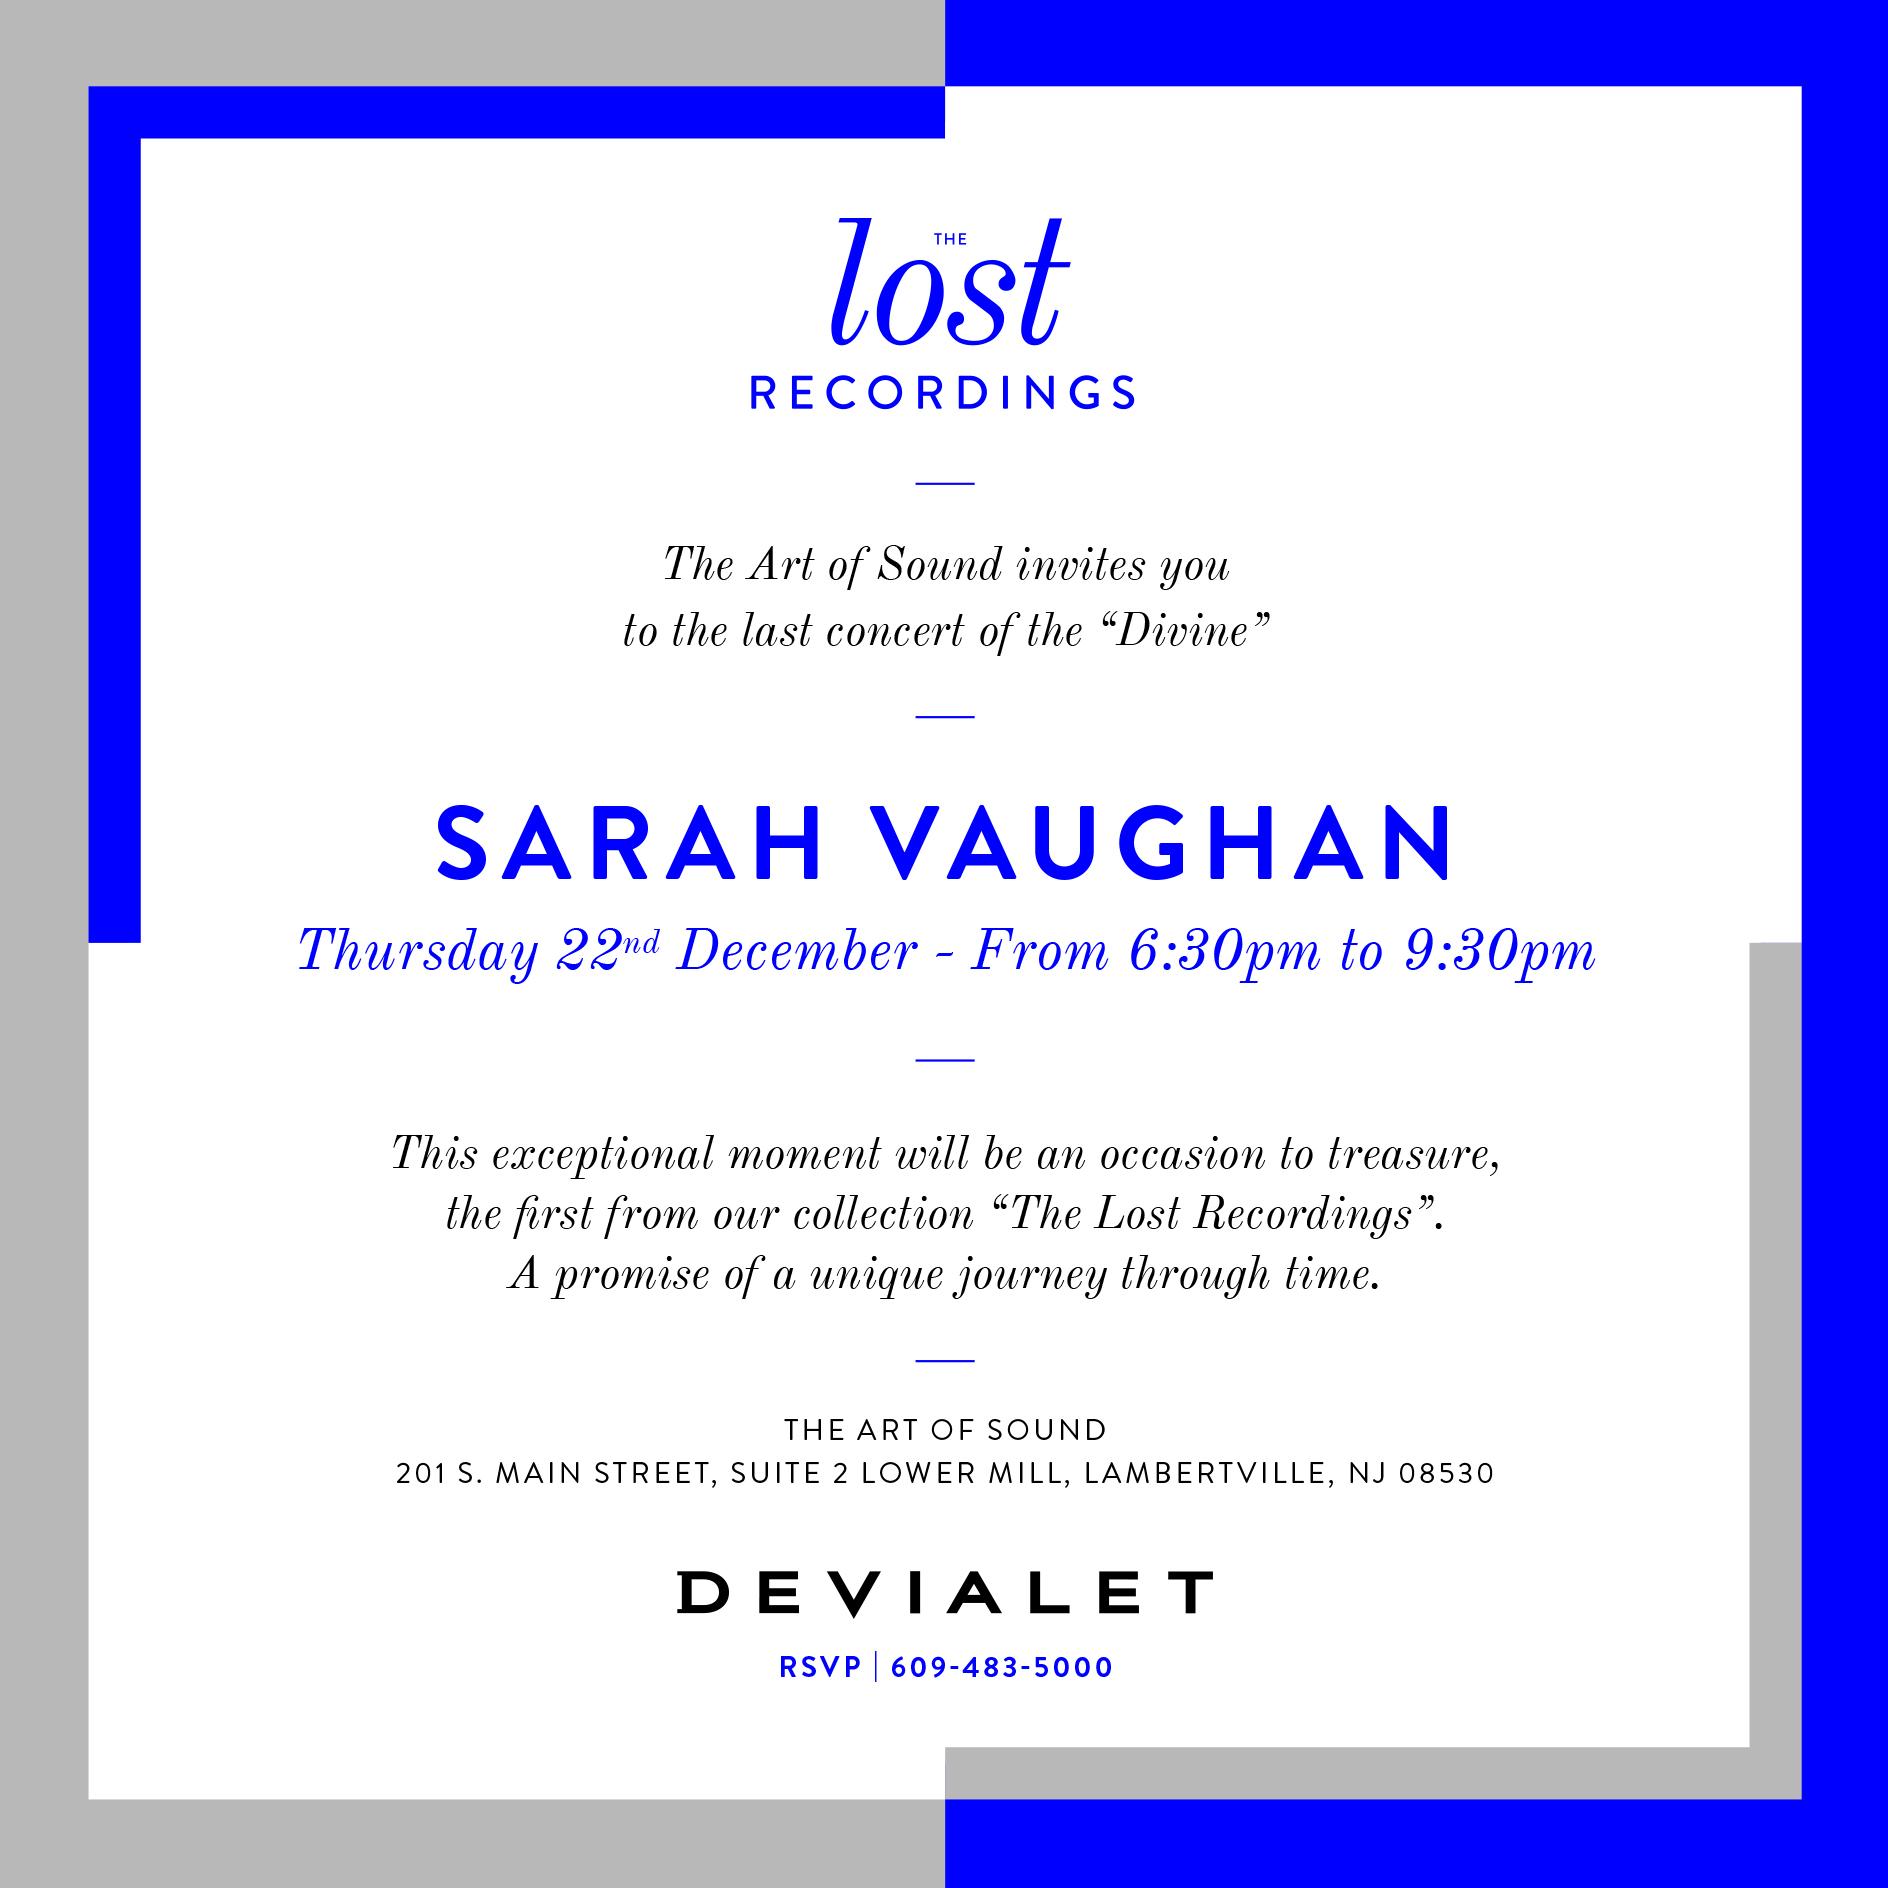 INVITATION-LOST-RECORDING_TheArtofSound_WEB.jpg